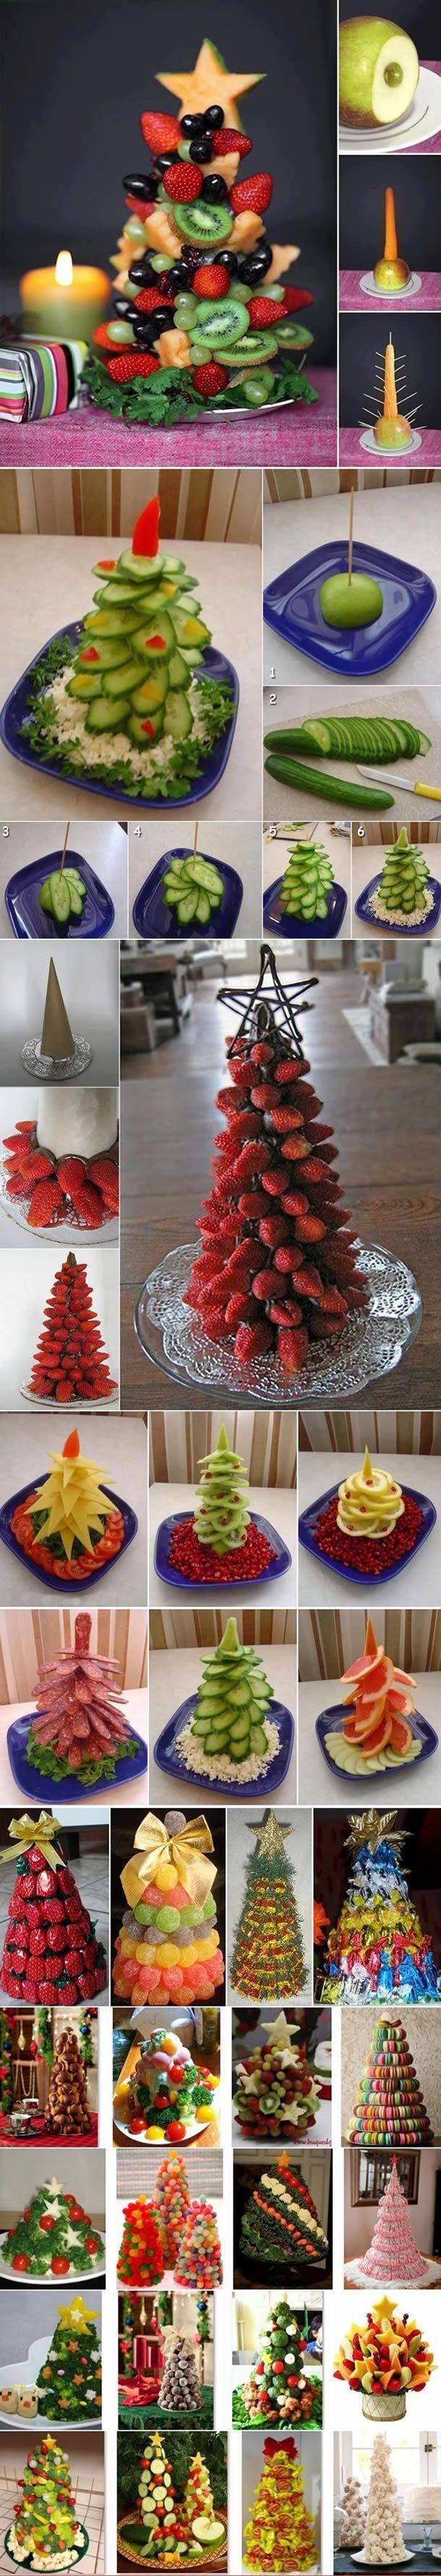 44 idées pour de délicieuses décorations de Noël | Astuces de filles